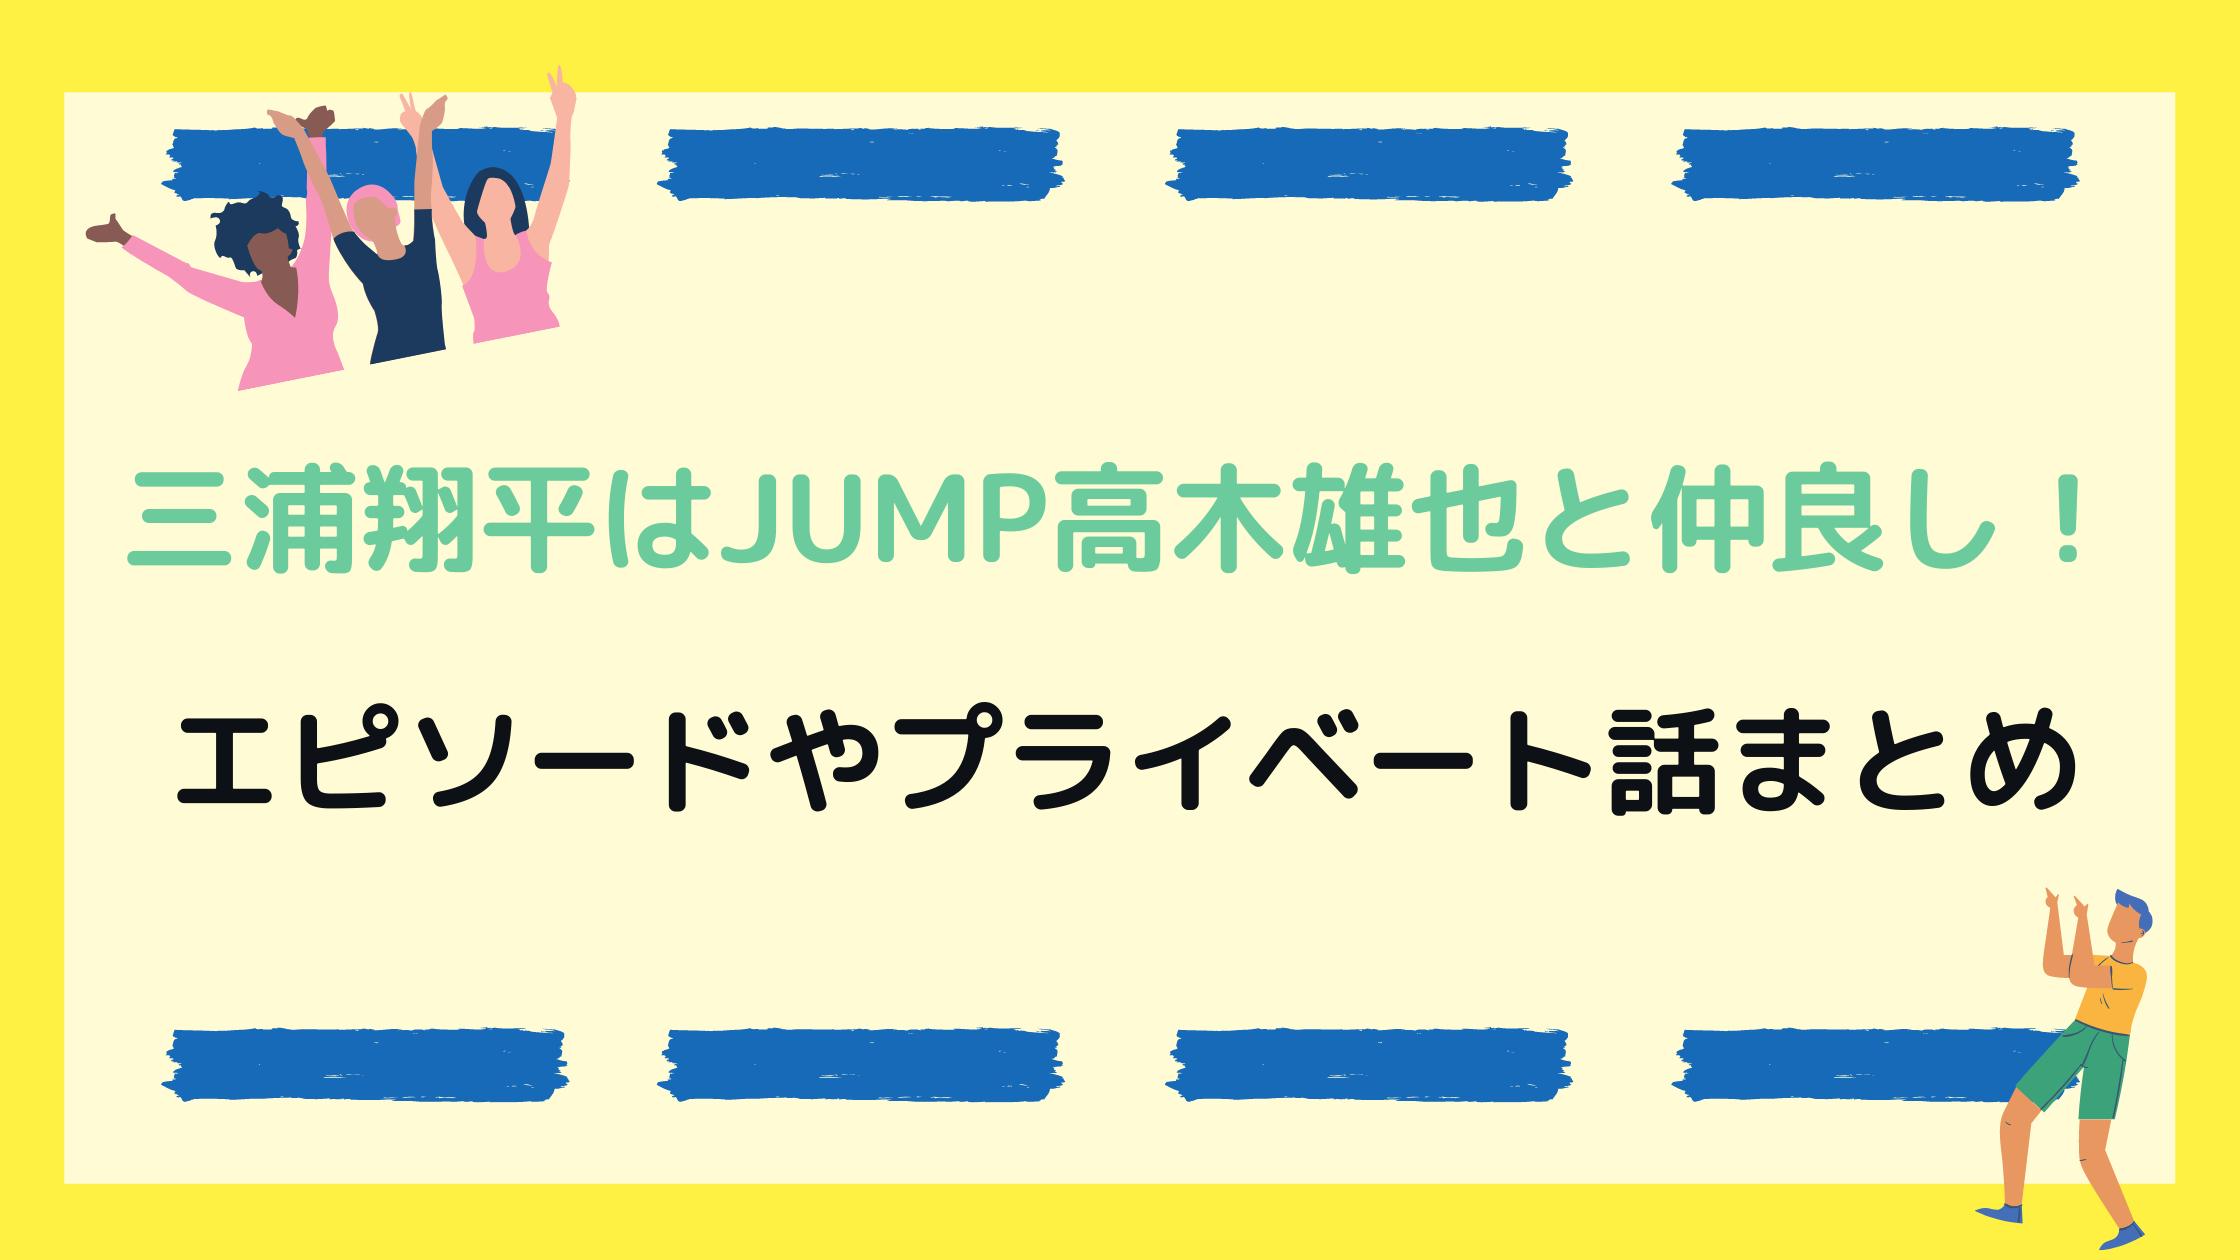 三浦翔平はJUMP高木雄也と仲良し!エピソードやプライベート話まとめ